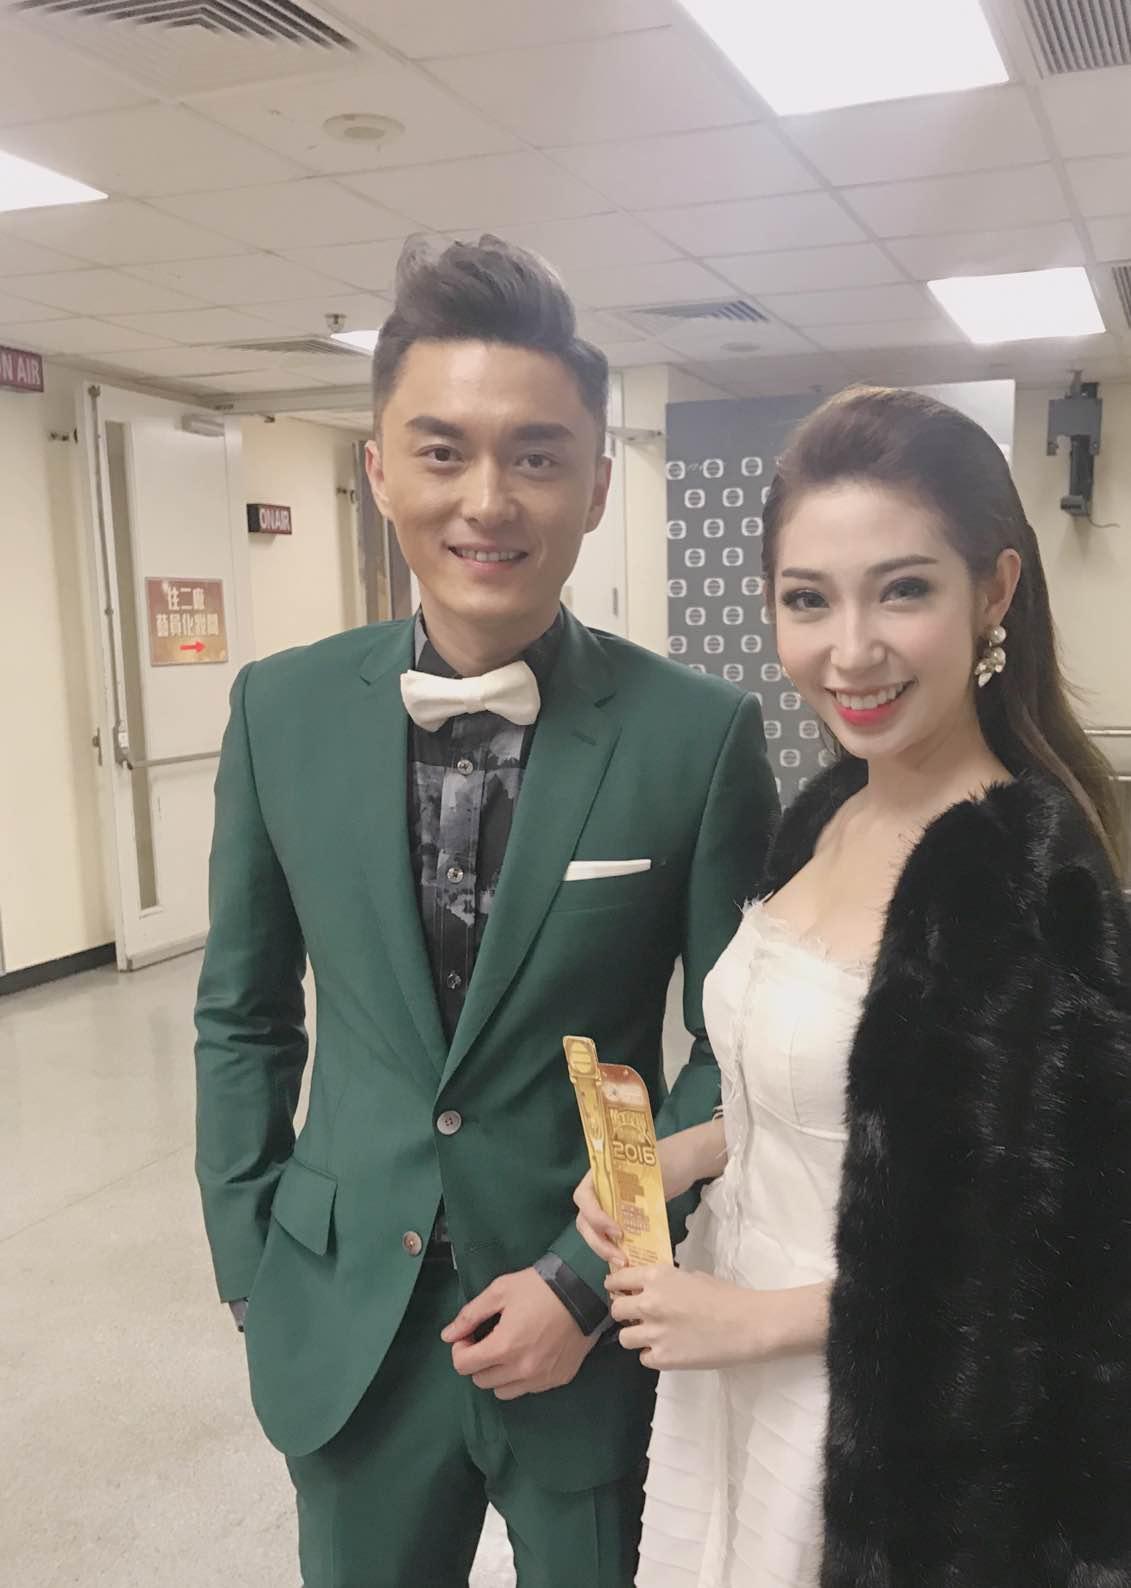 Khổng Tú Quỳnh tham dự lễ trao giải TVB, đọ dáng cùng Hoa hậu Hồng Kông - Ảnh 9.